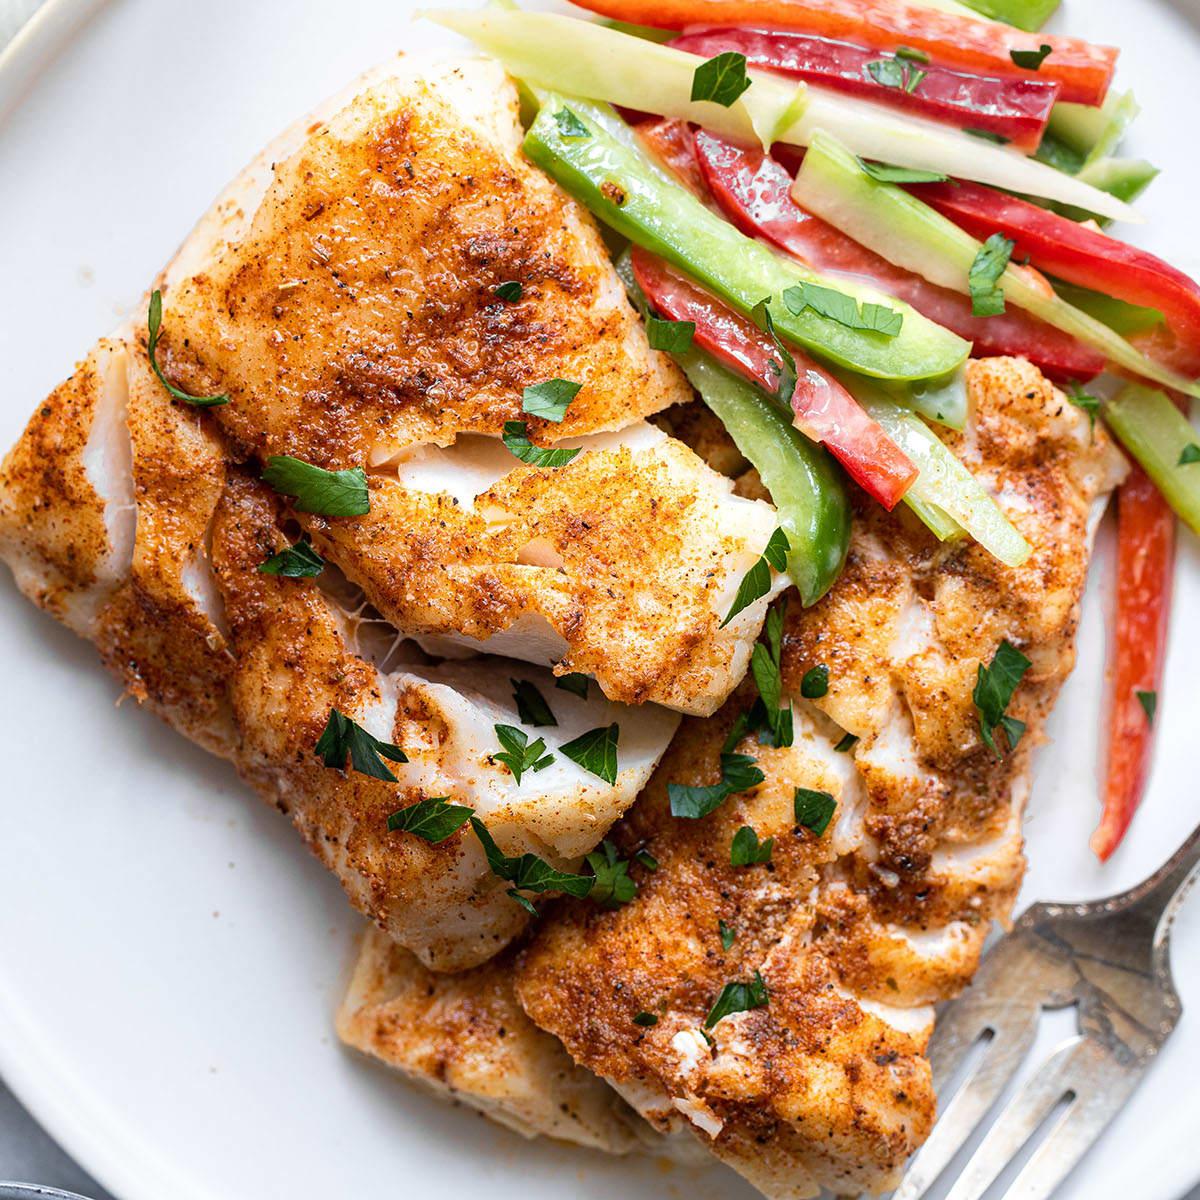 Kết quả hình ảnh cho cod fish grilled